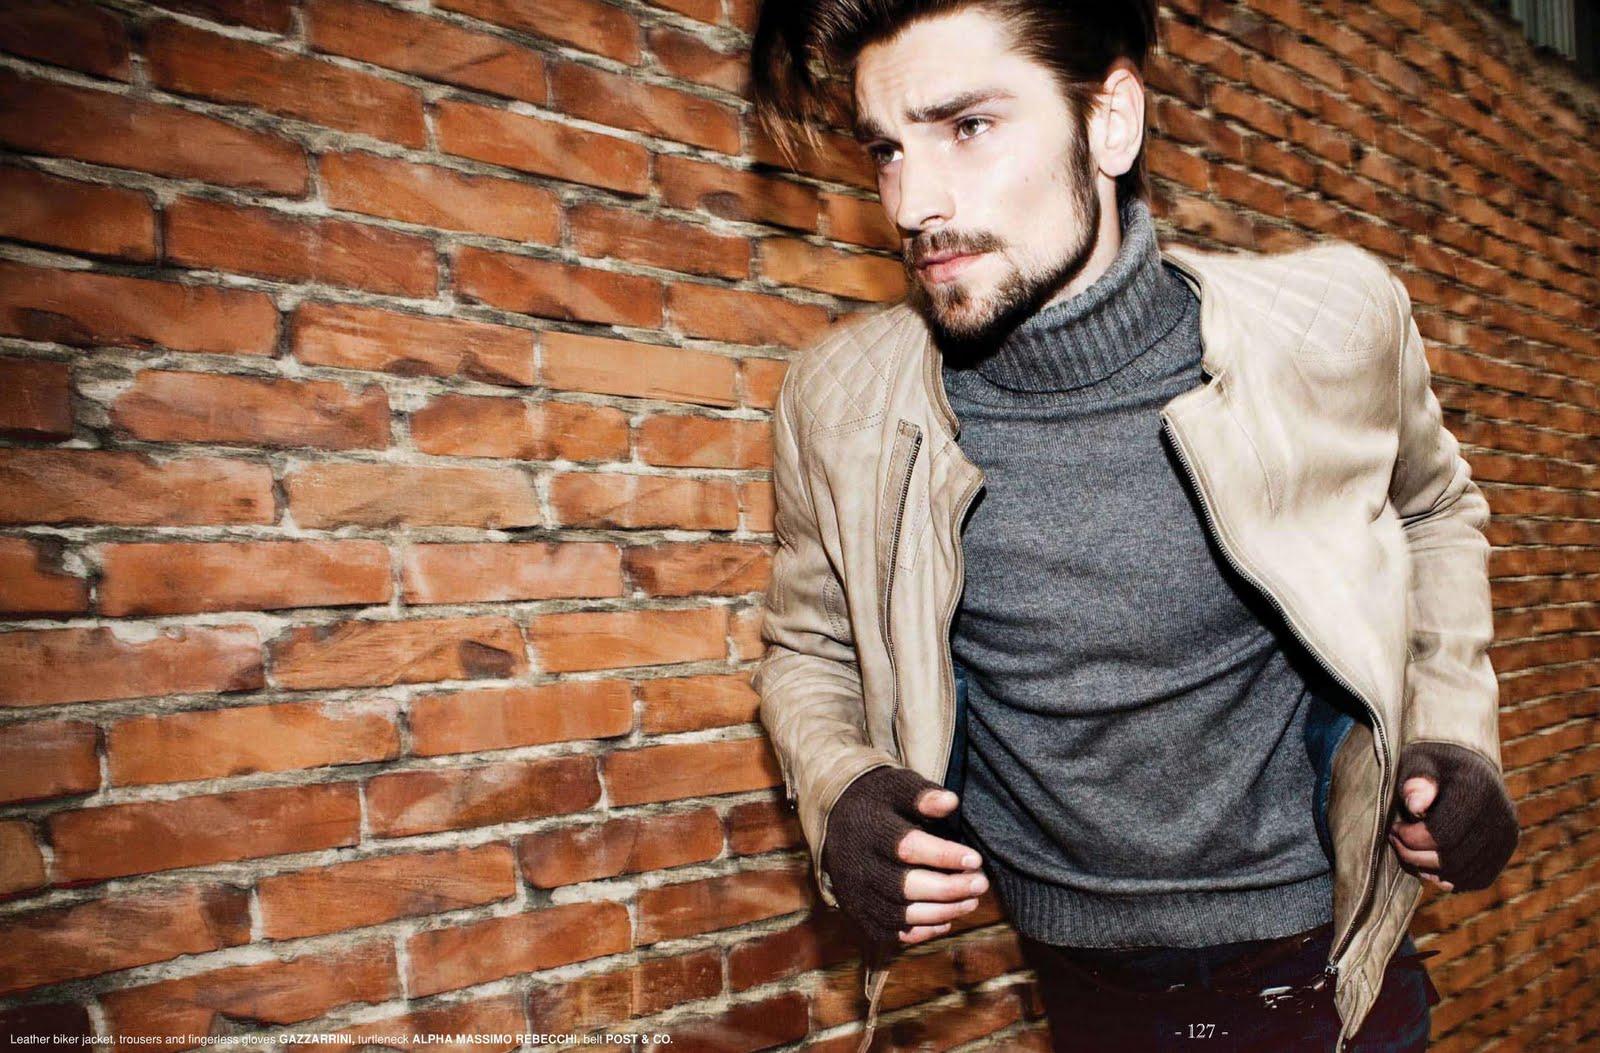 Pronto Floor Wax : ... uomo italy - malizia uomo commercial, pronto ...